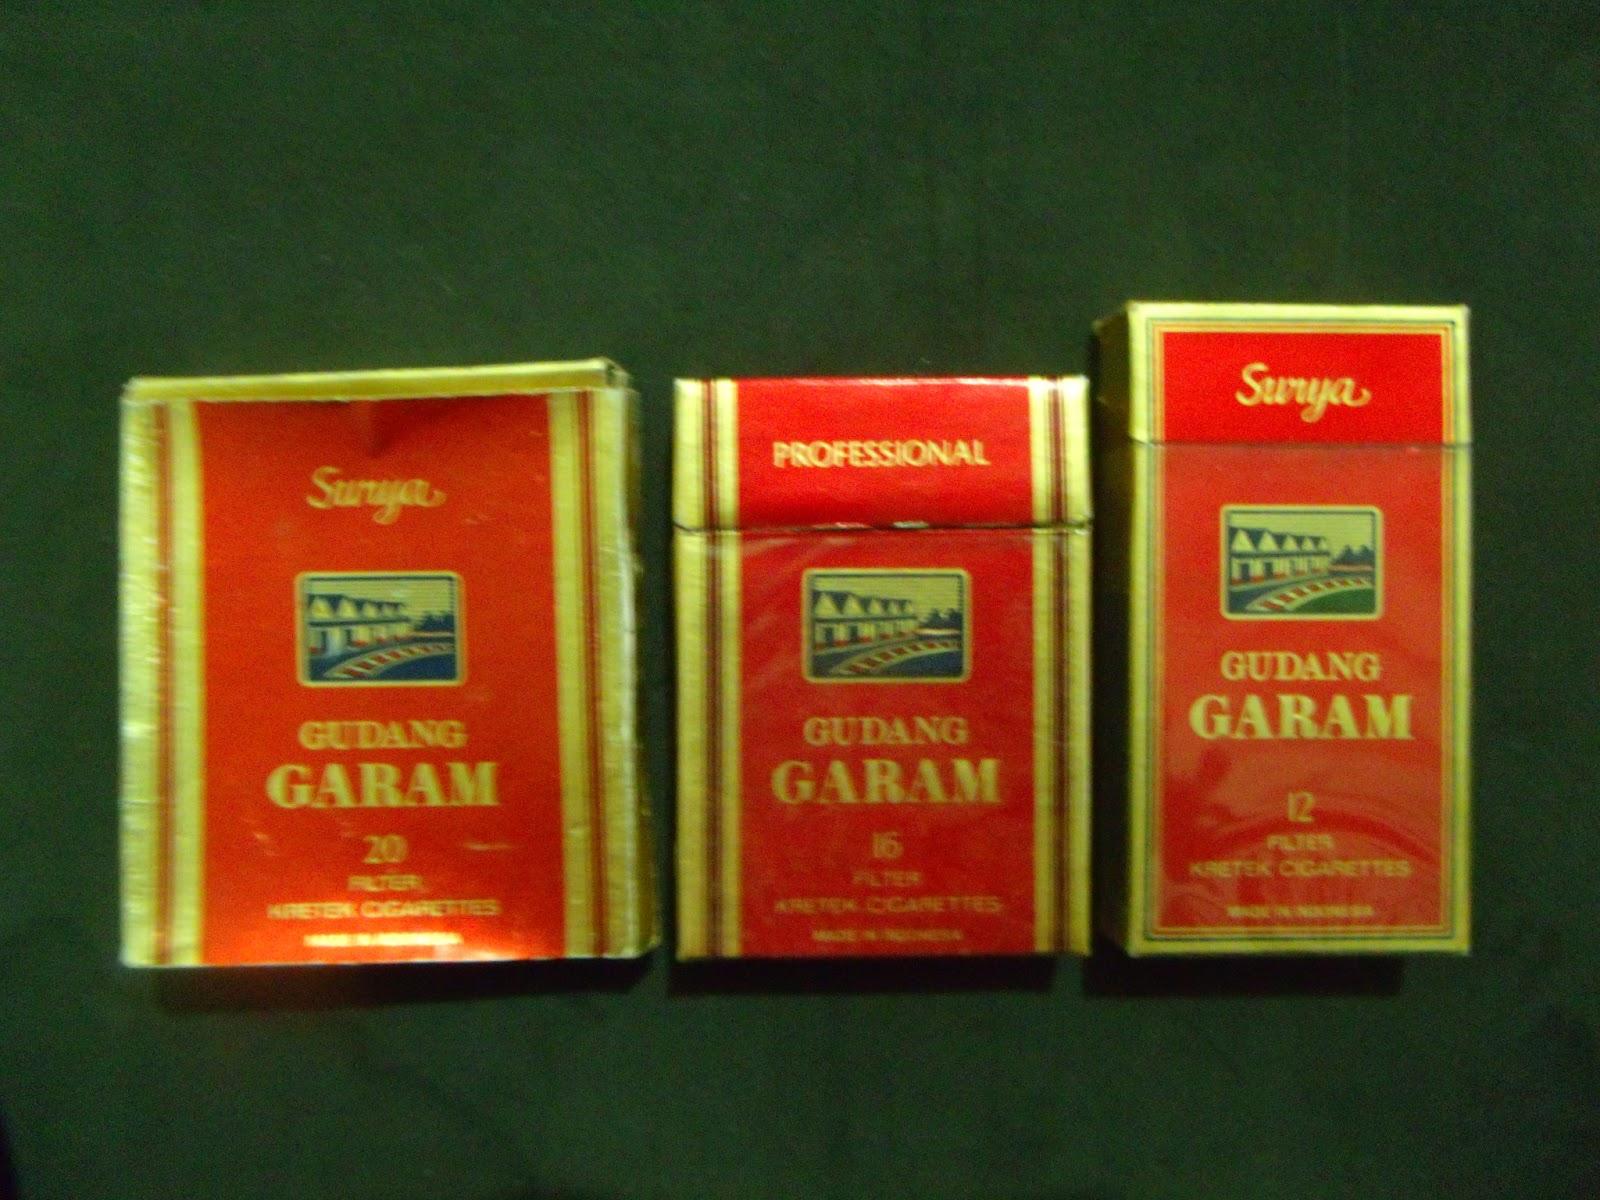 cigarro gudang